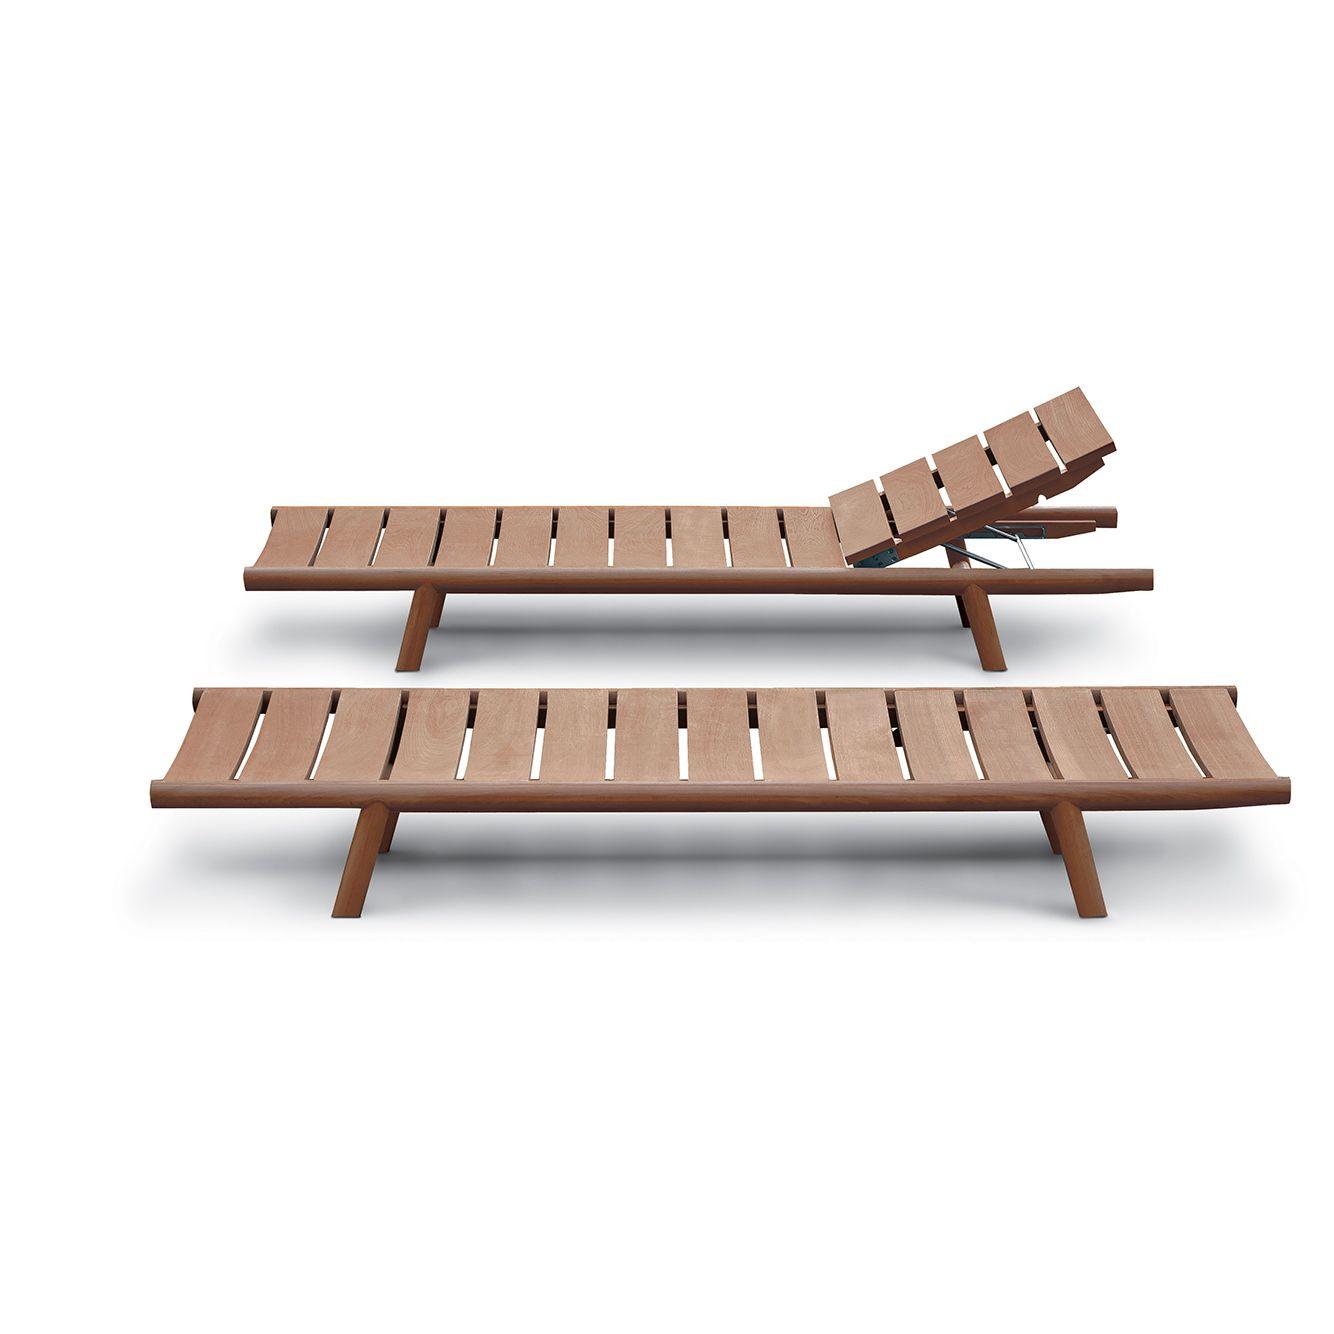 chaises longues orson chaise longue jardin de ville jardin. Black Bedroom Furniture Sets. Home Design Ideas